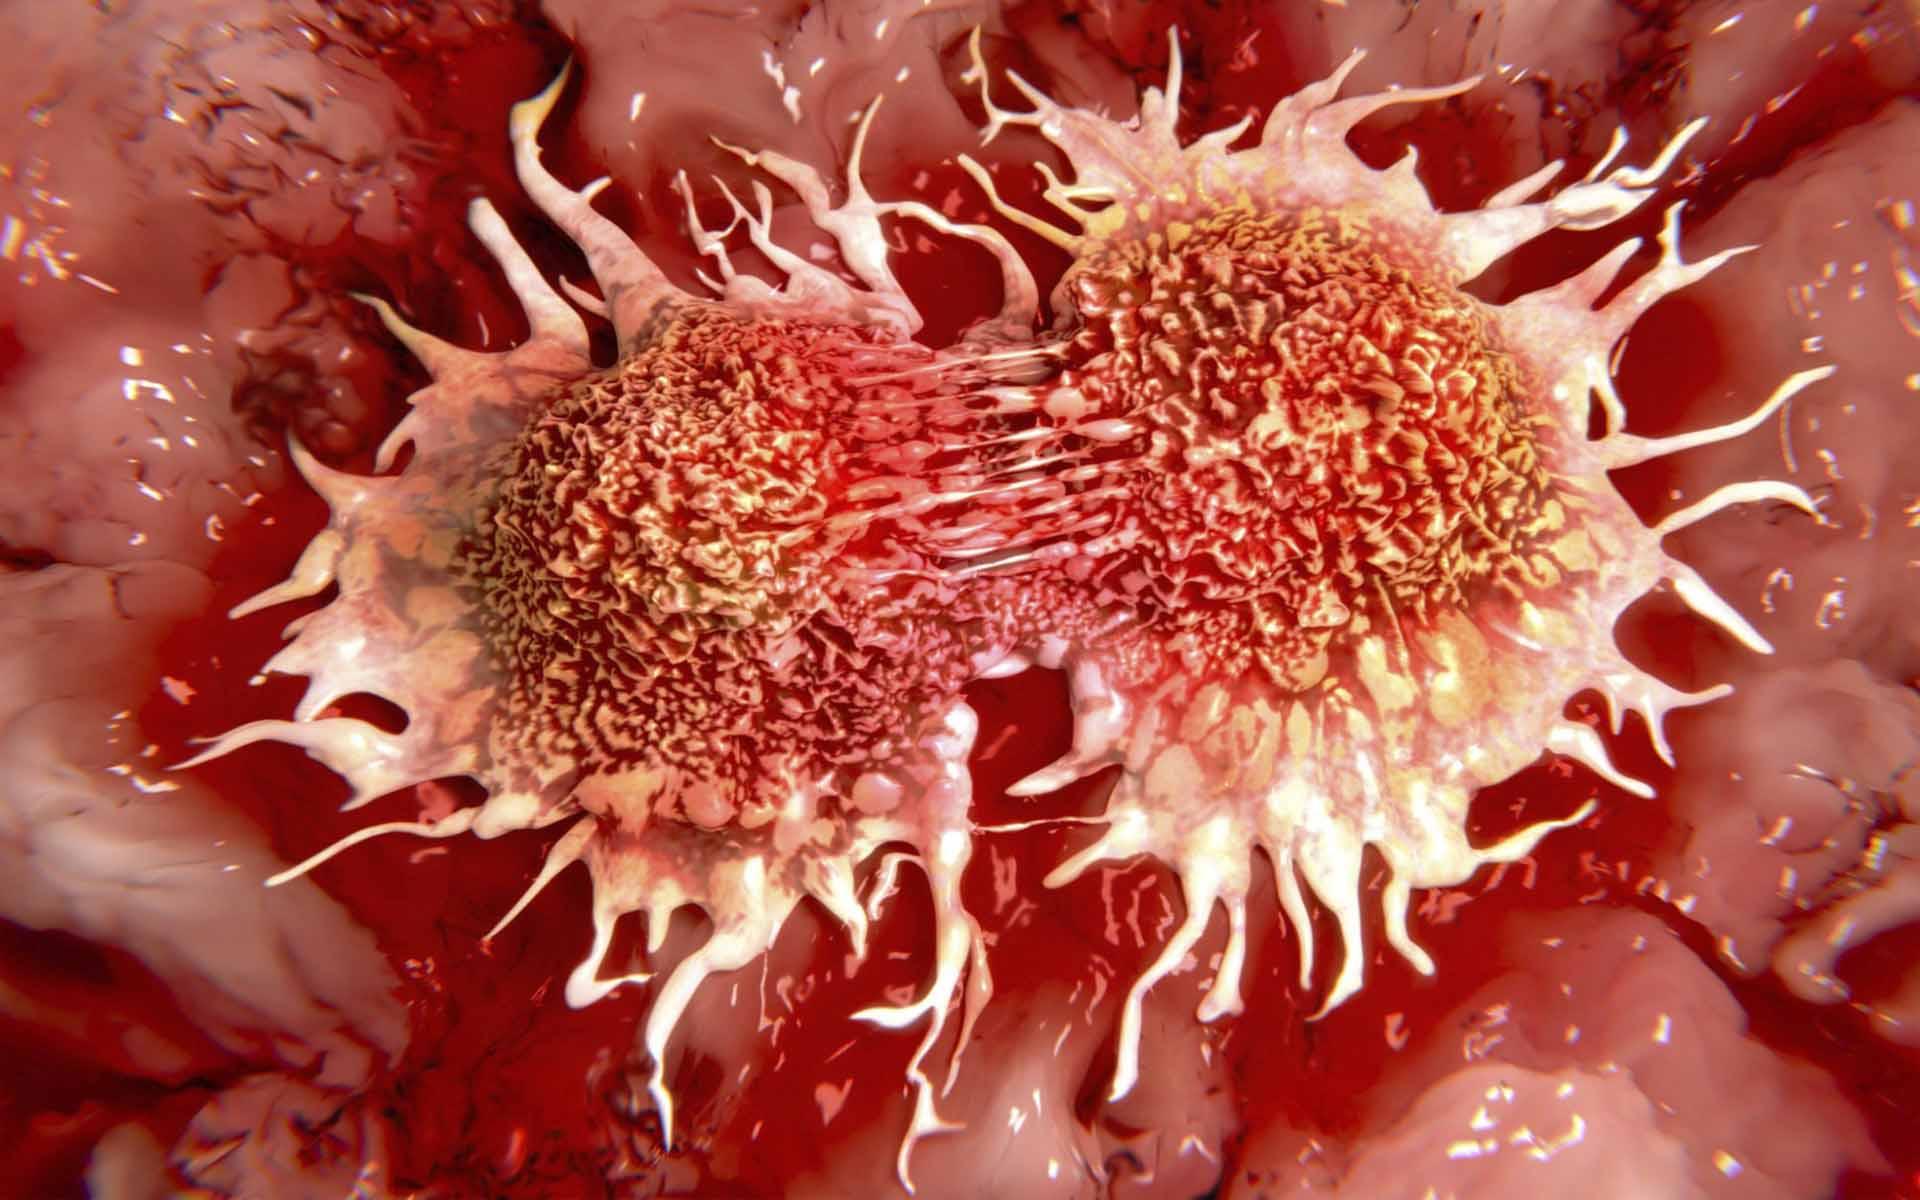 Что может вызвать онкологию